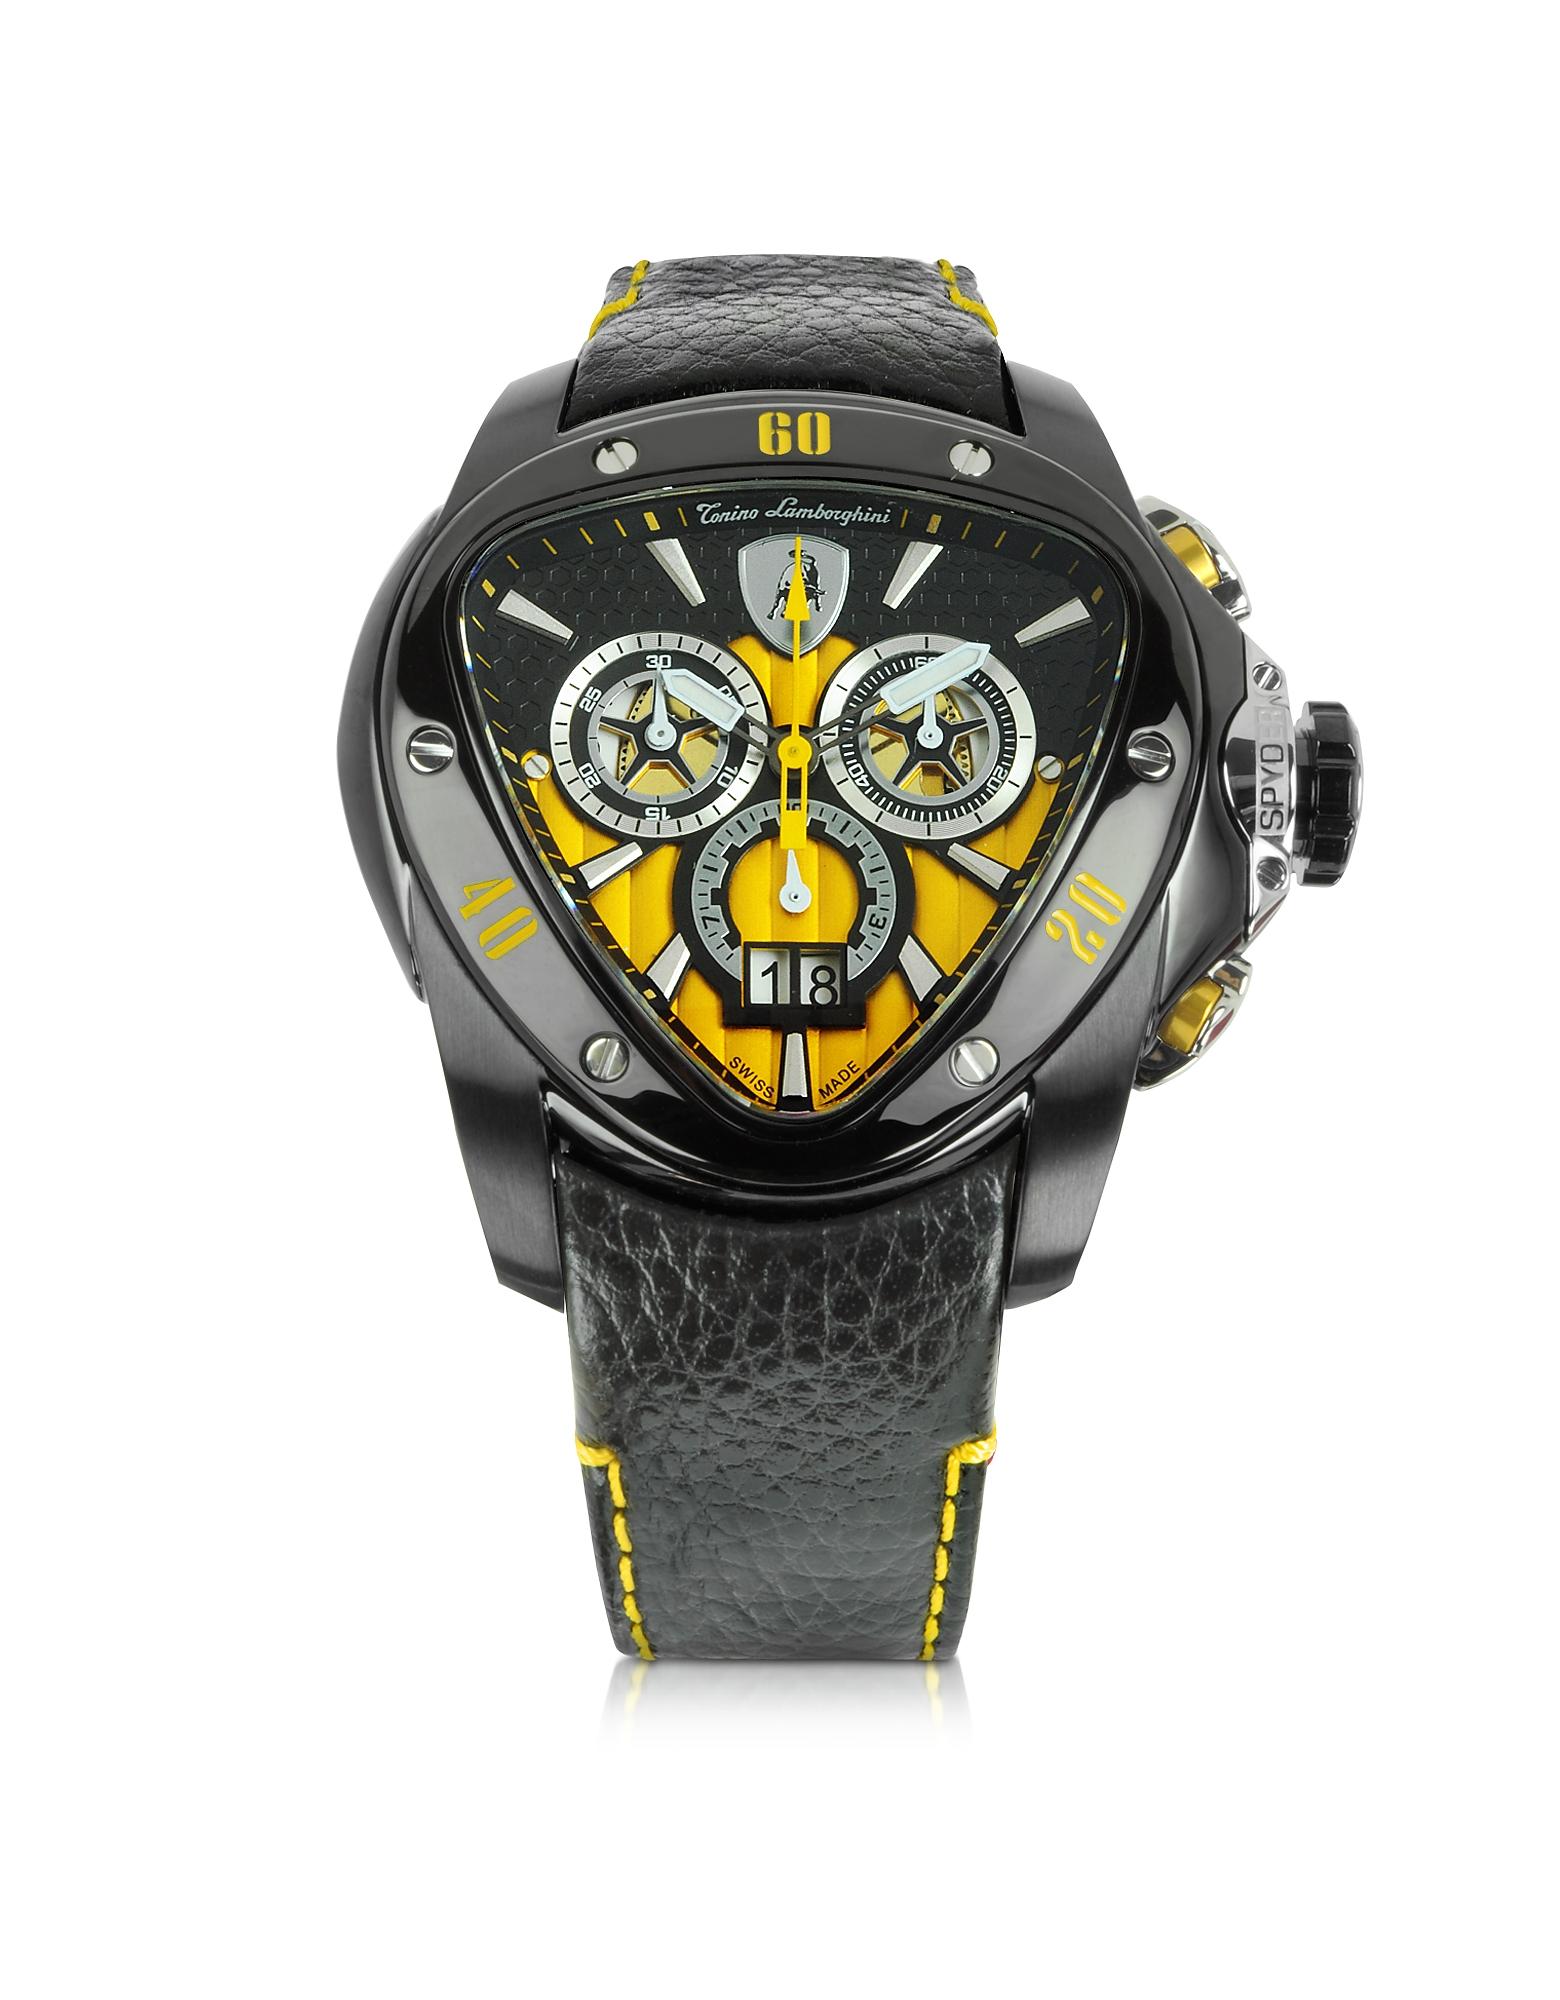 Tonino Lamborghini Spyder - Черные Часы Хронограф из Нержавеющей Стали с Желтым Циферблатом